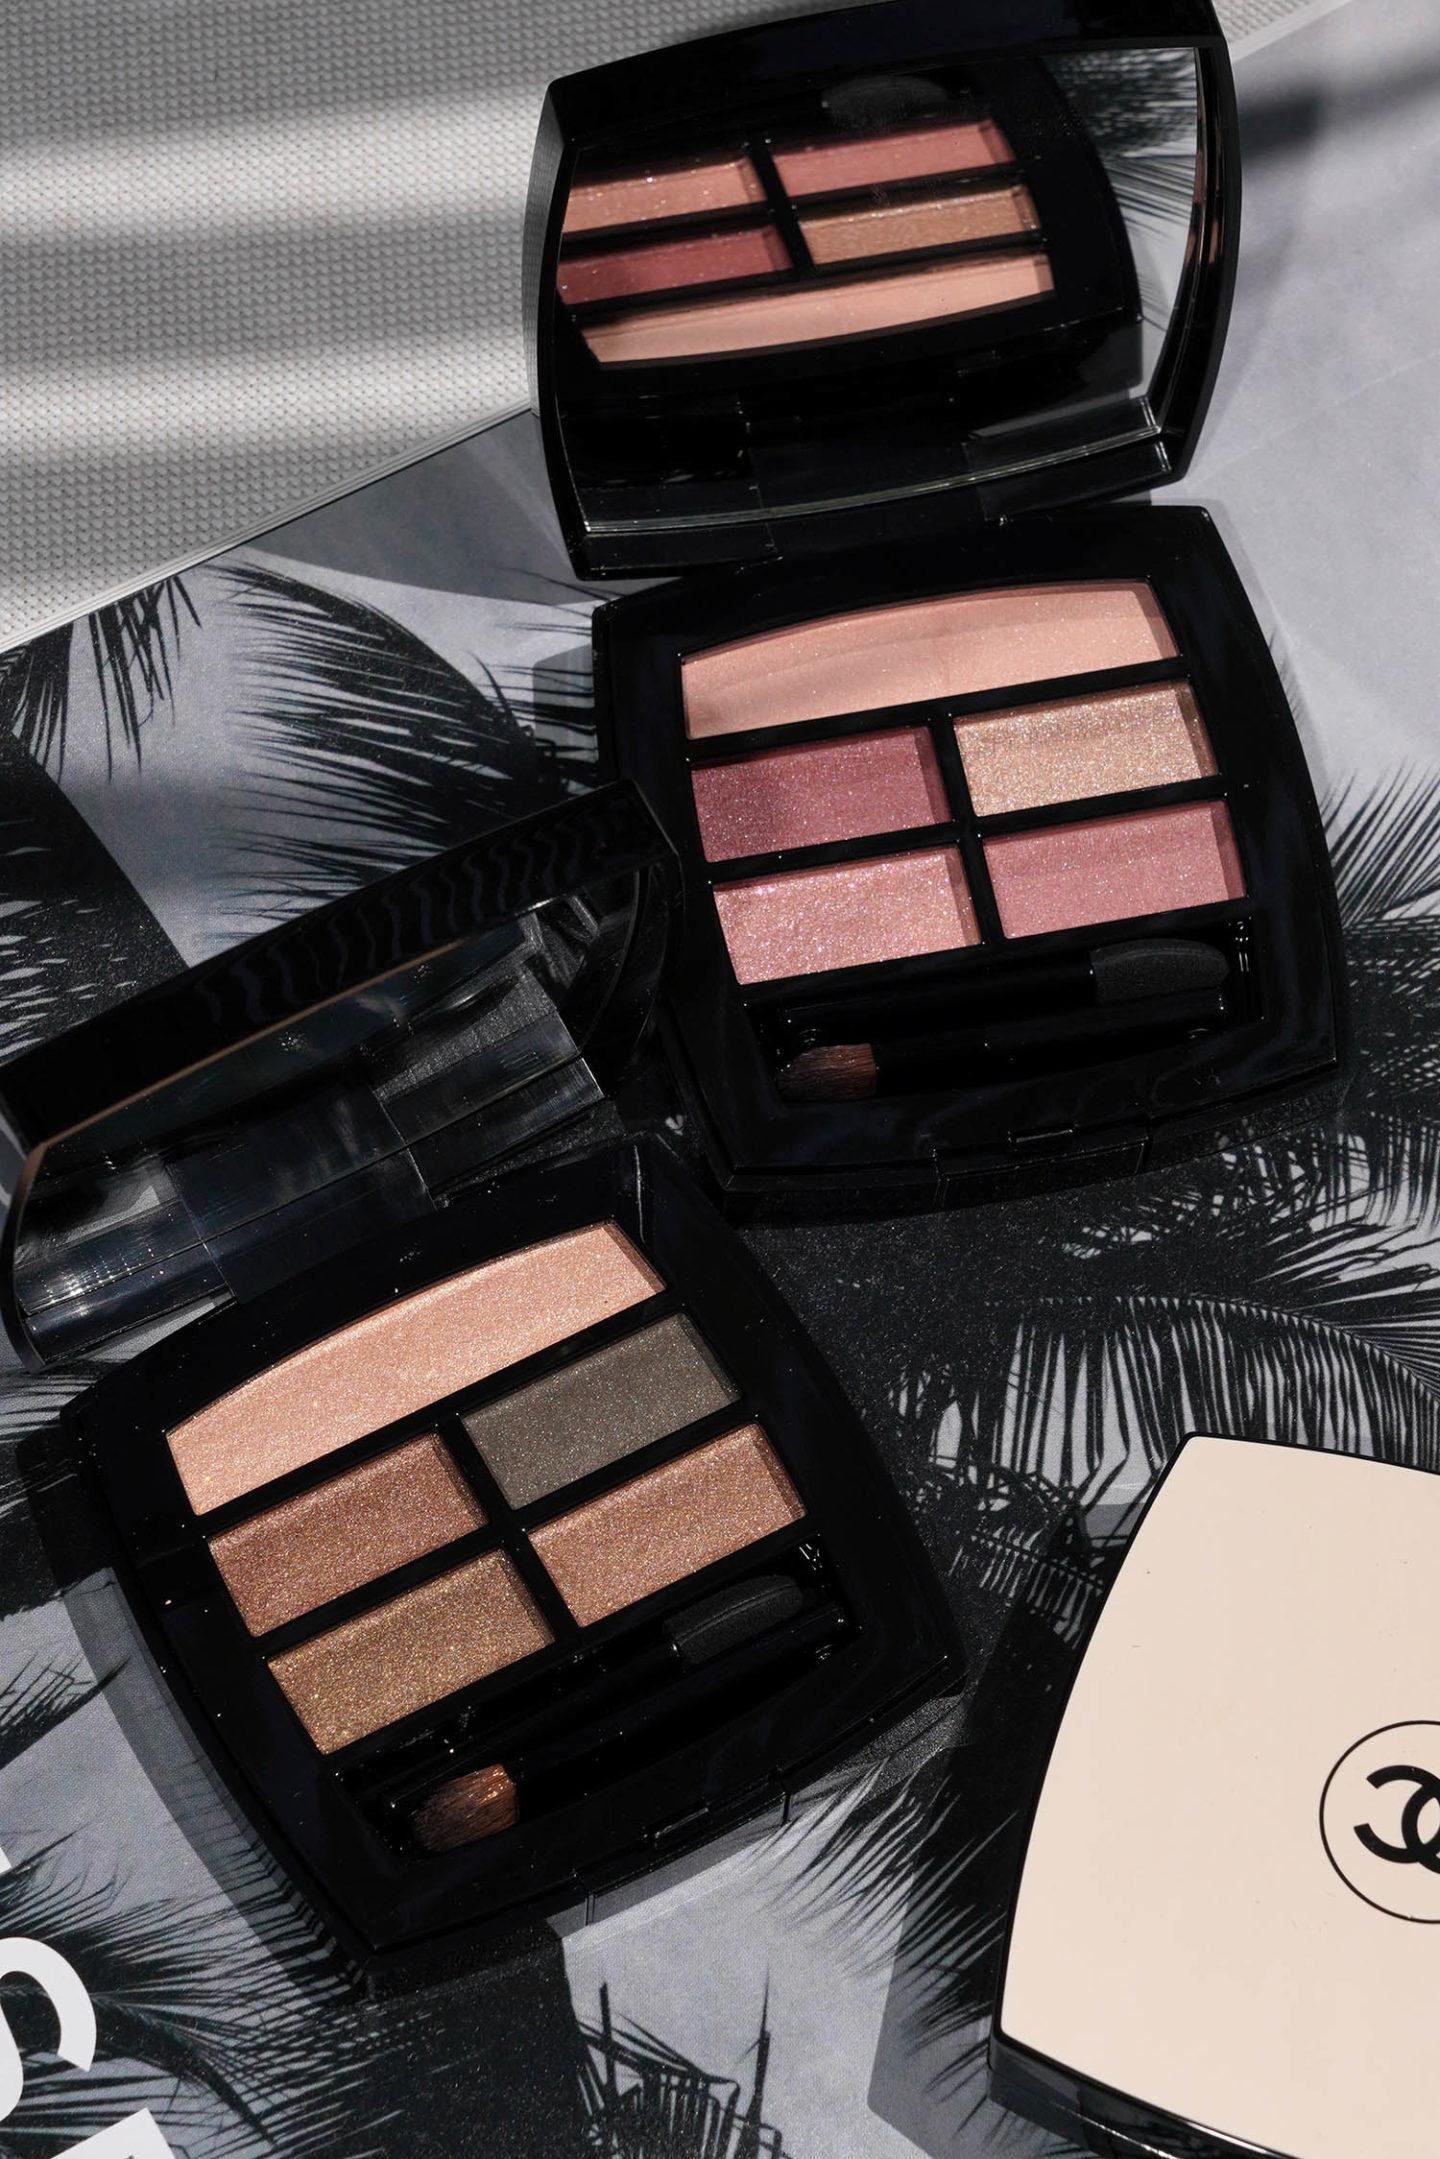 Palette d'ombres à paupières naturelles Chanel Les Beiges Healthy Glow dans Tender and Intense